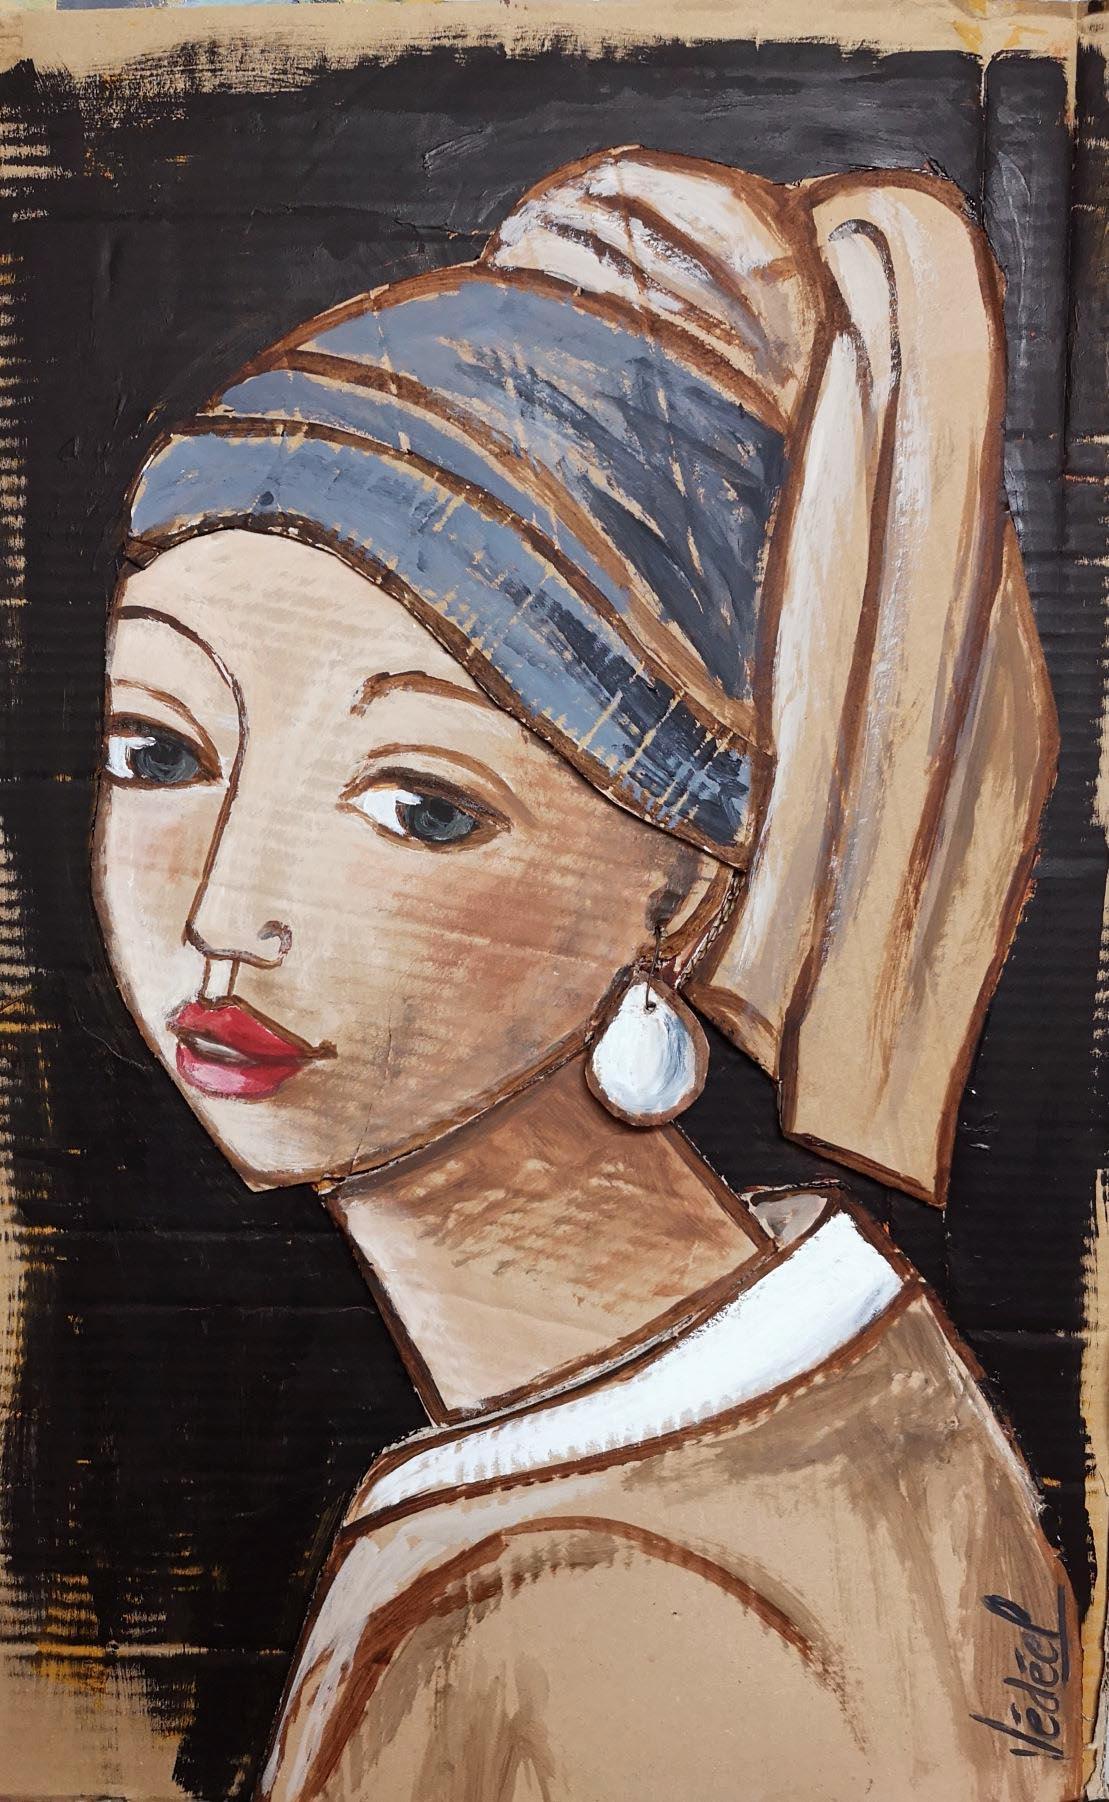 La jeune fille à la perle ... Wermeer sur carton !